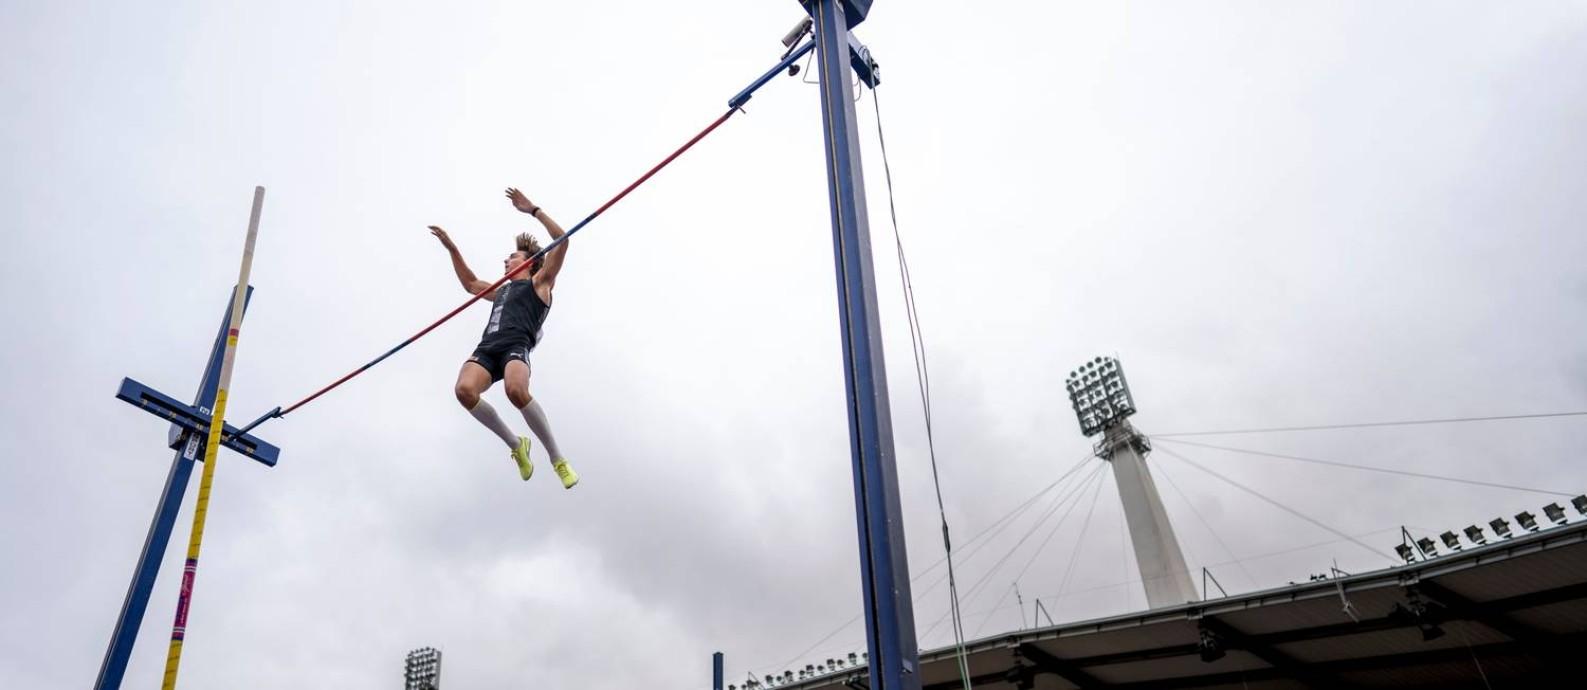 Sem público, Armand Duplantis, atual recordista mundial do salto com vara indoor, ganha evento em Gotemburgo com salto de 5,94m Foto: BJORN LARSSON ROSVALL / AFP